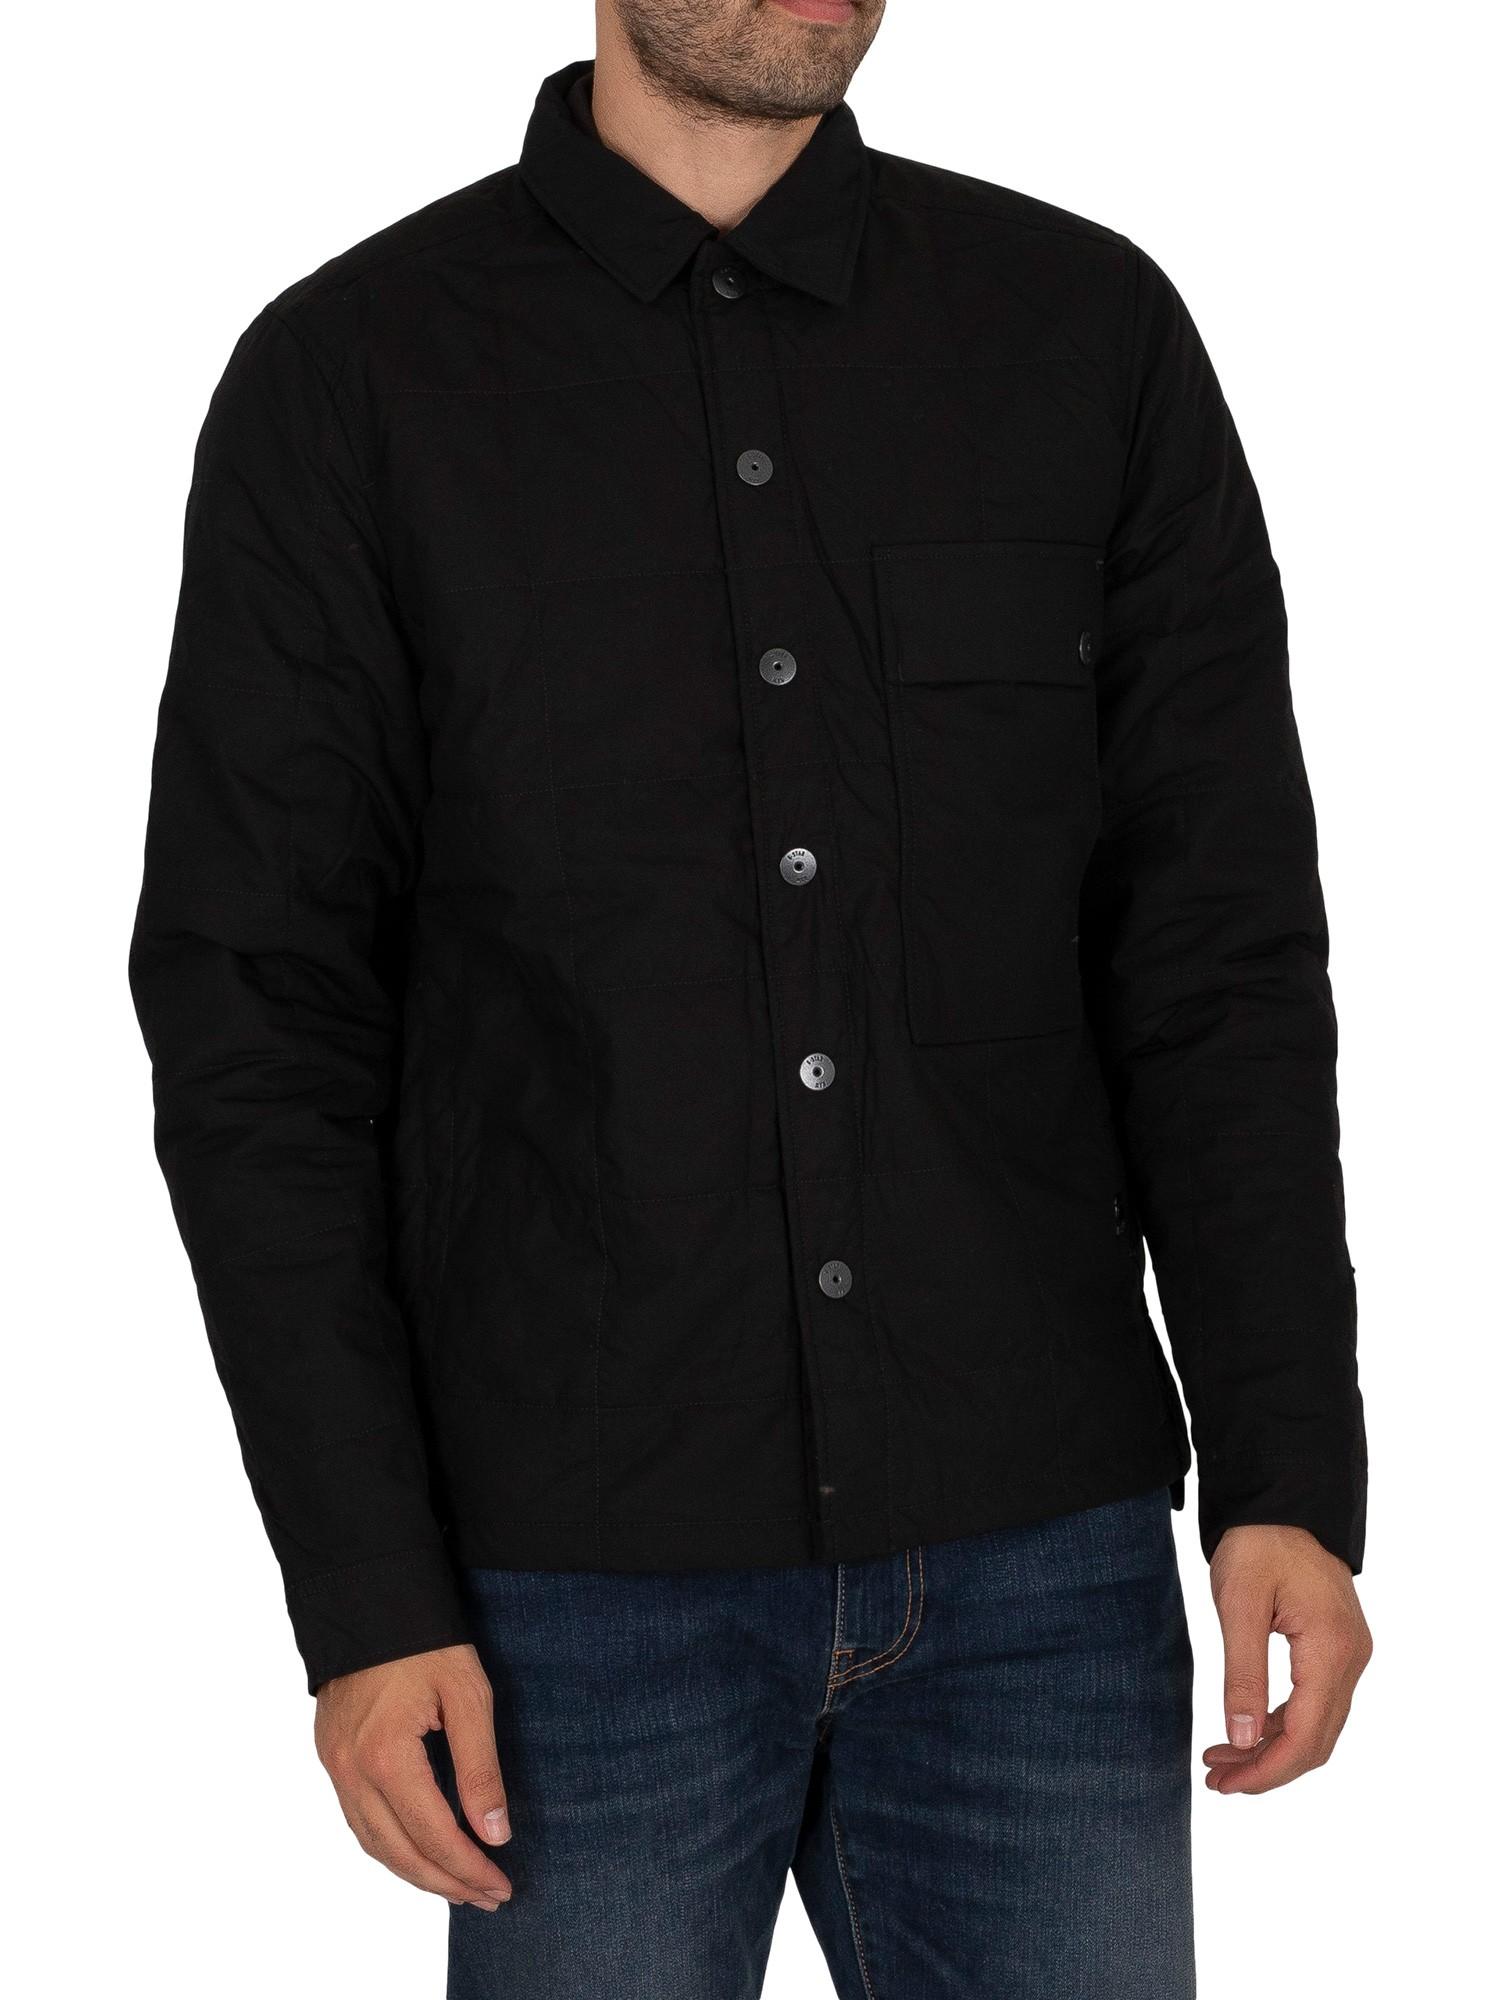 Postino-Quilted-Overshirt